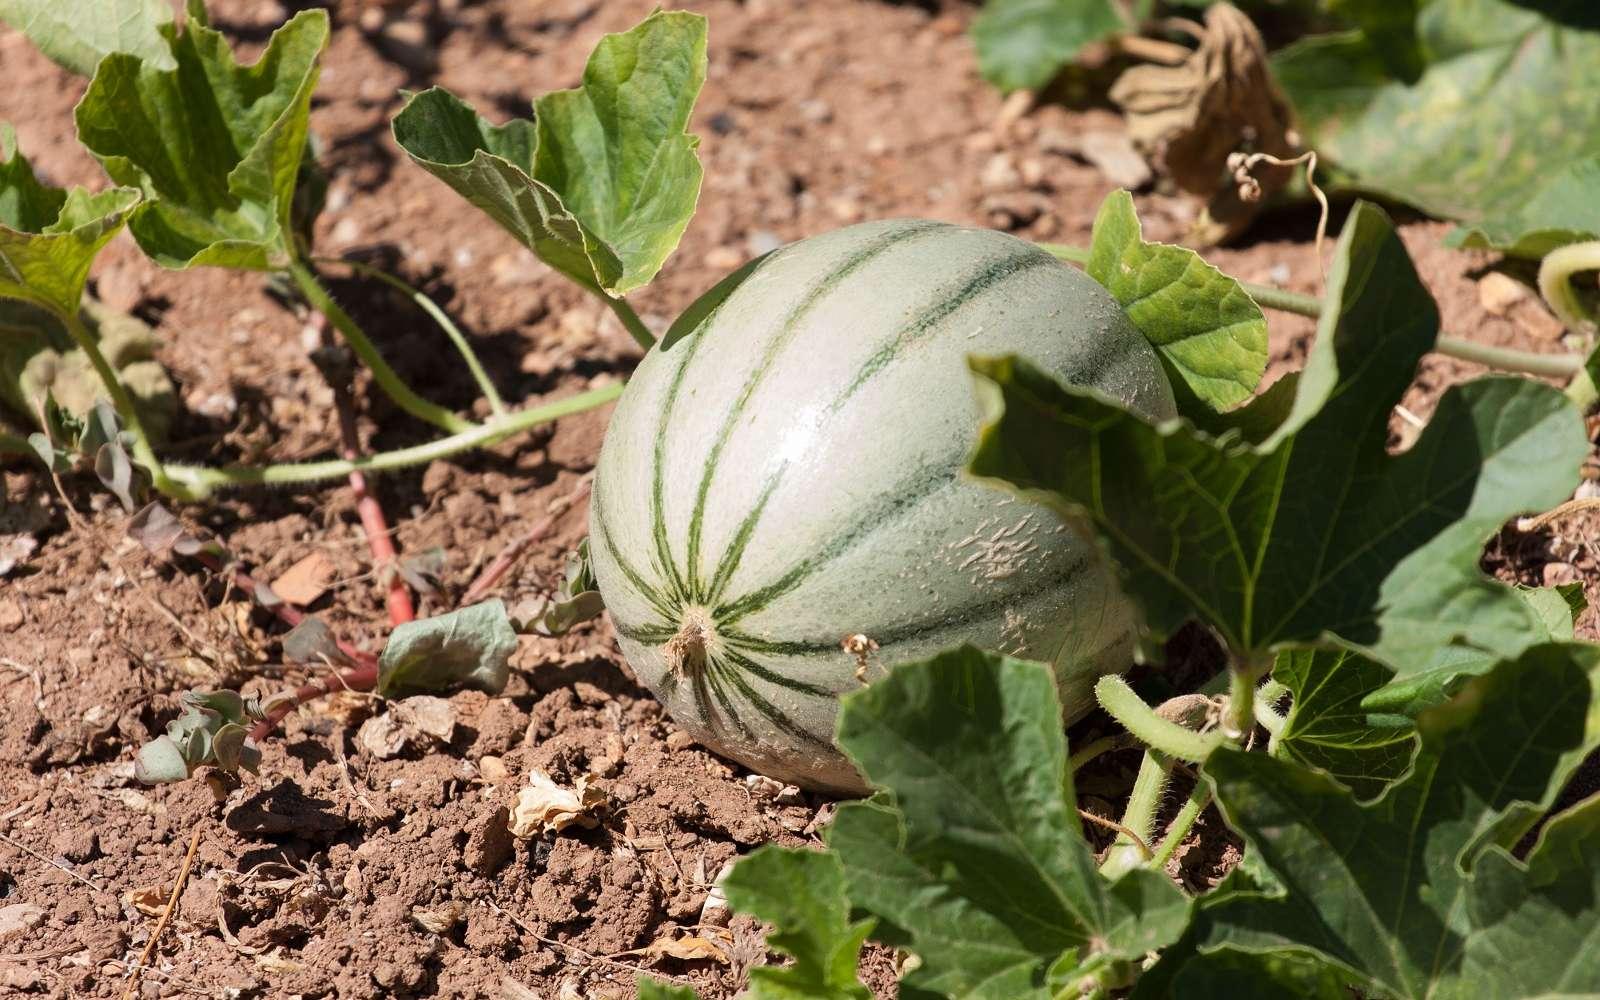 La taille réussie des plants de melons permet d'obtenir de beaux fruits sucrés. © Stéphanie Cointe, Adobe Stock